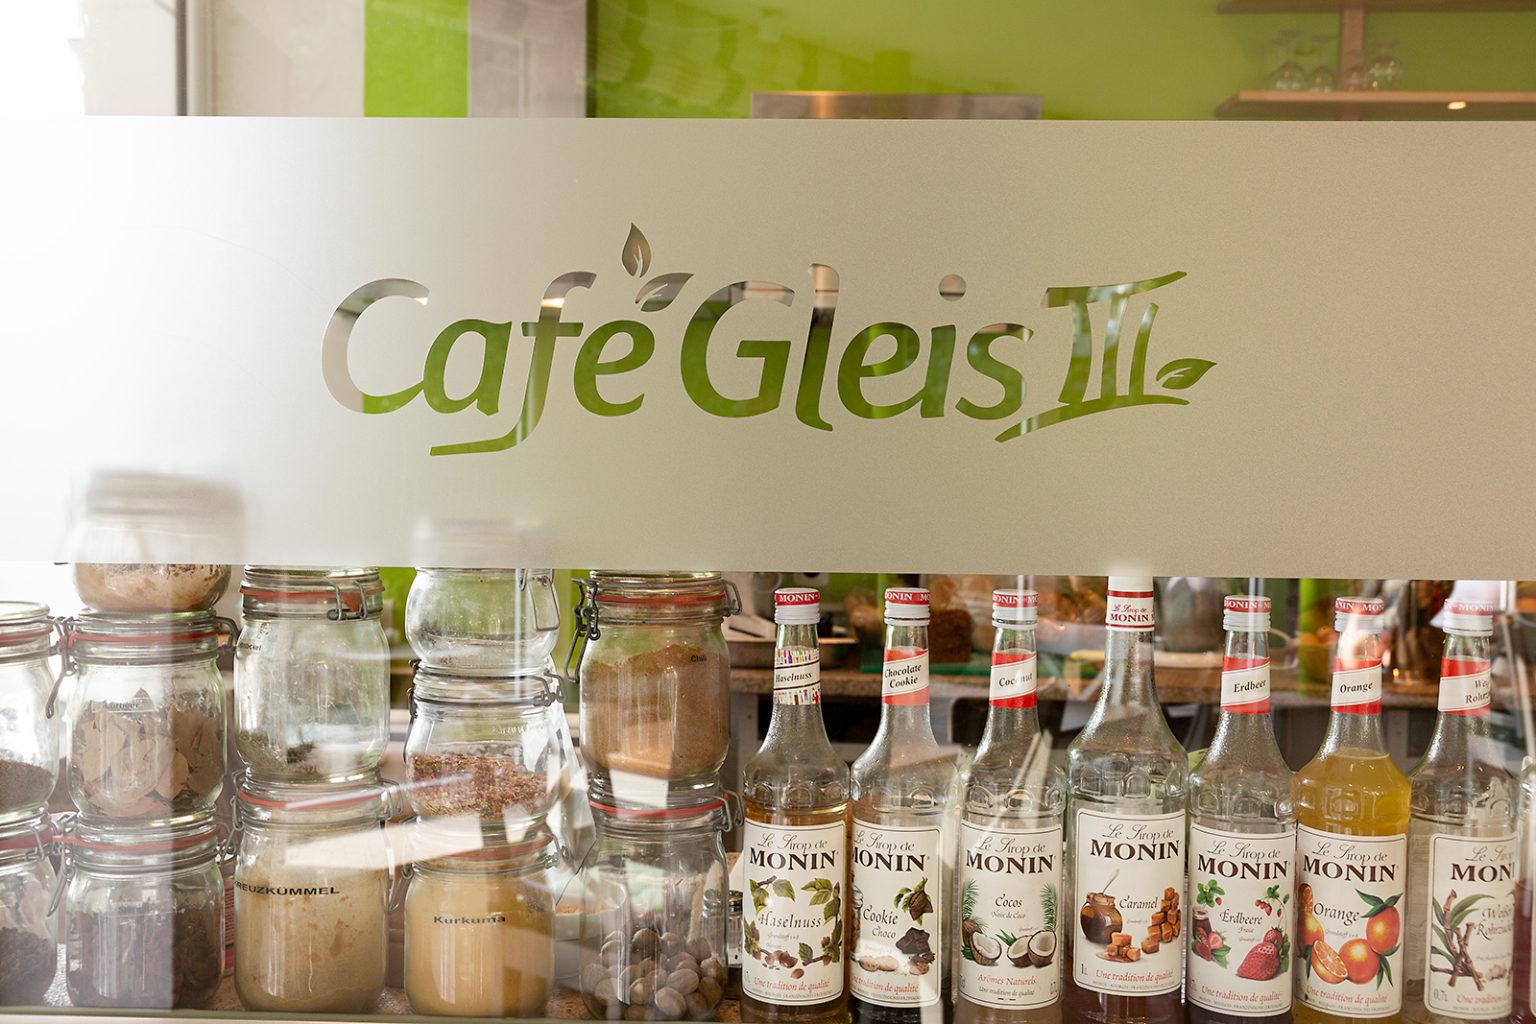 Café Gleis III